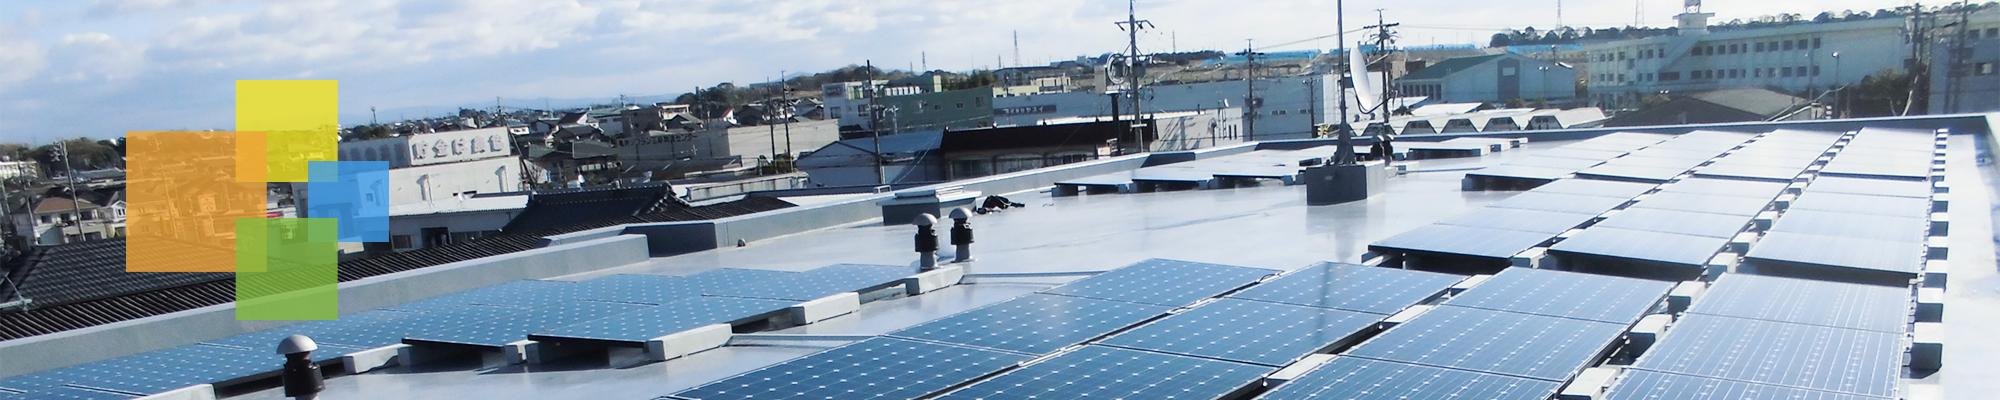 屋根のソーラーパネルの画像